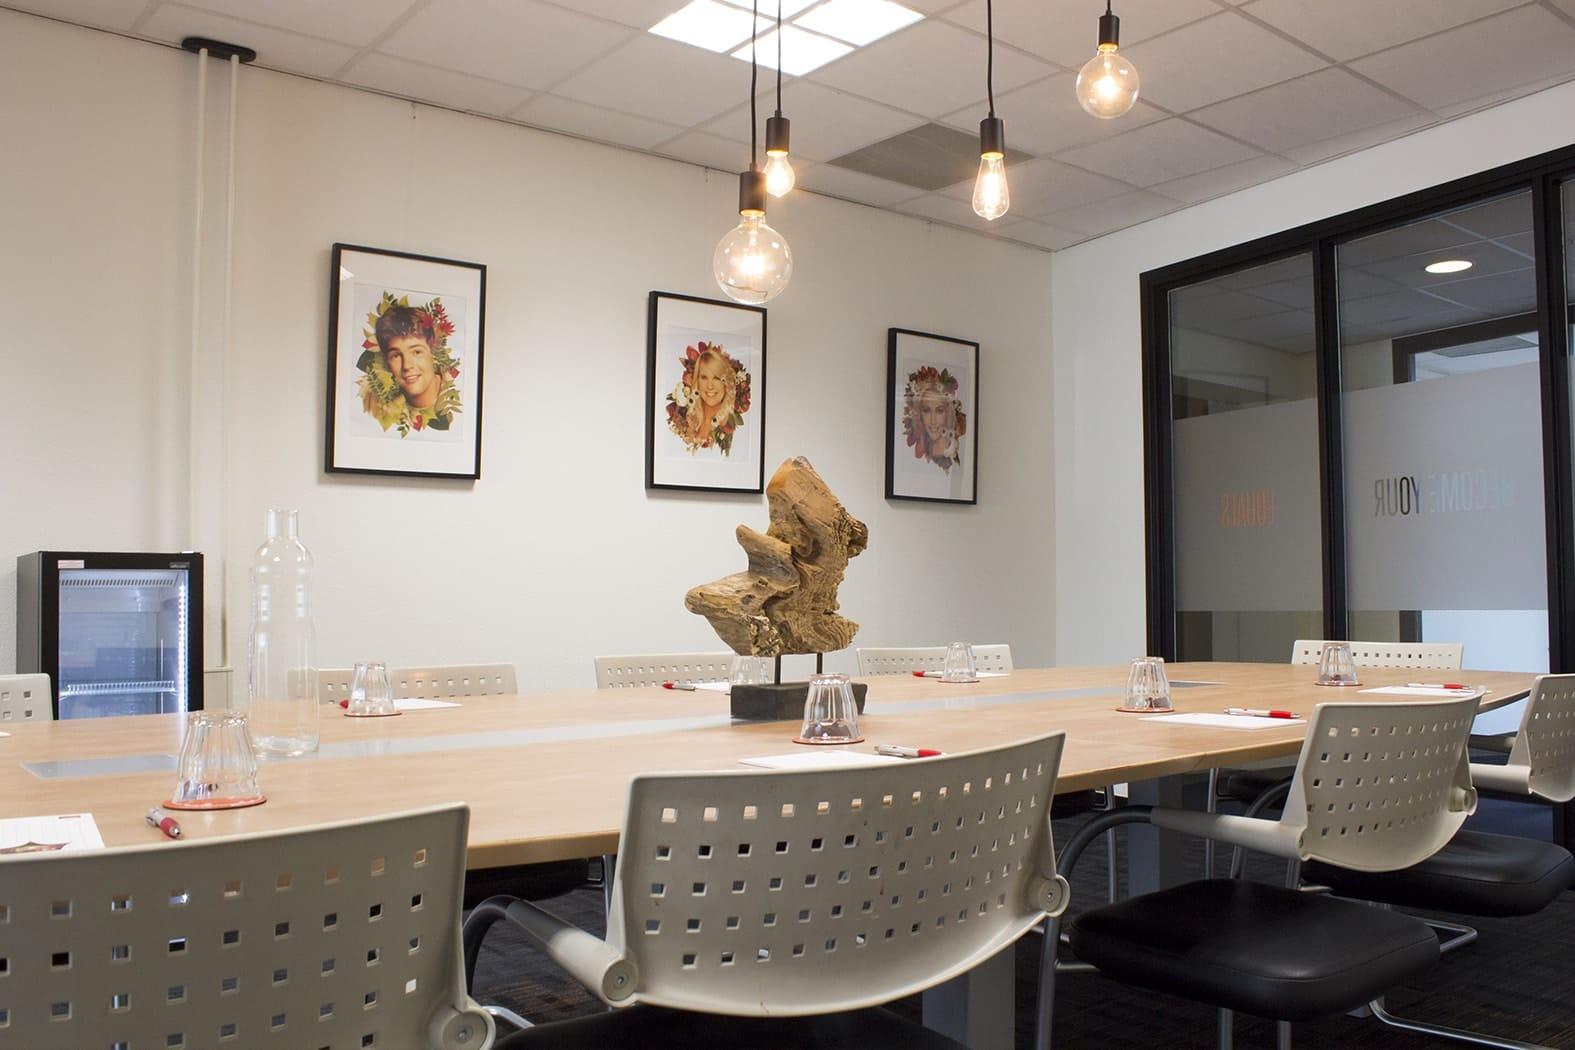 Vergadering Aalsmeer | Crown Business Center Aalsmeer | www.crown-bc.nl